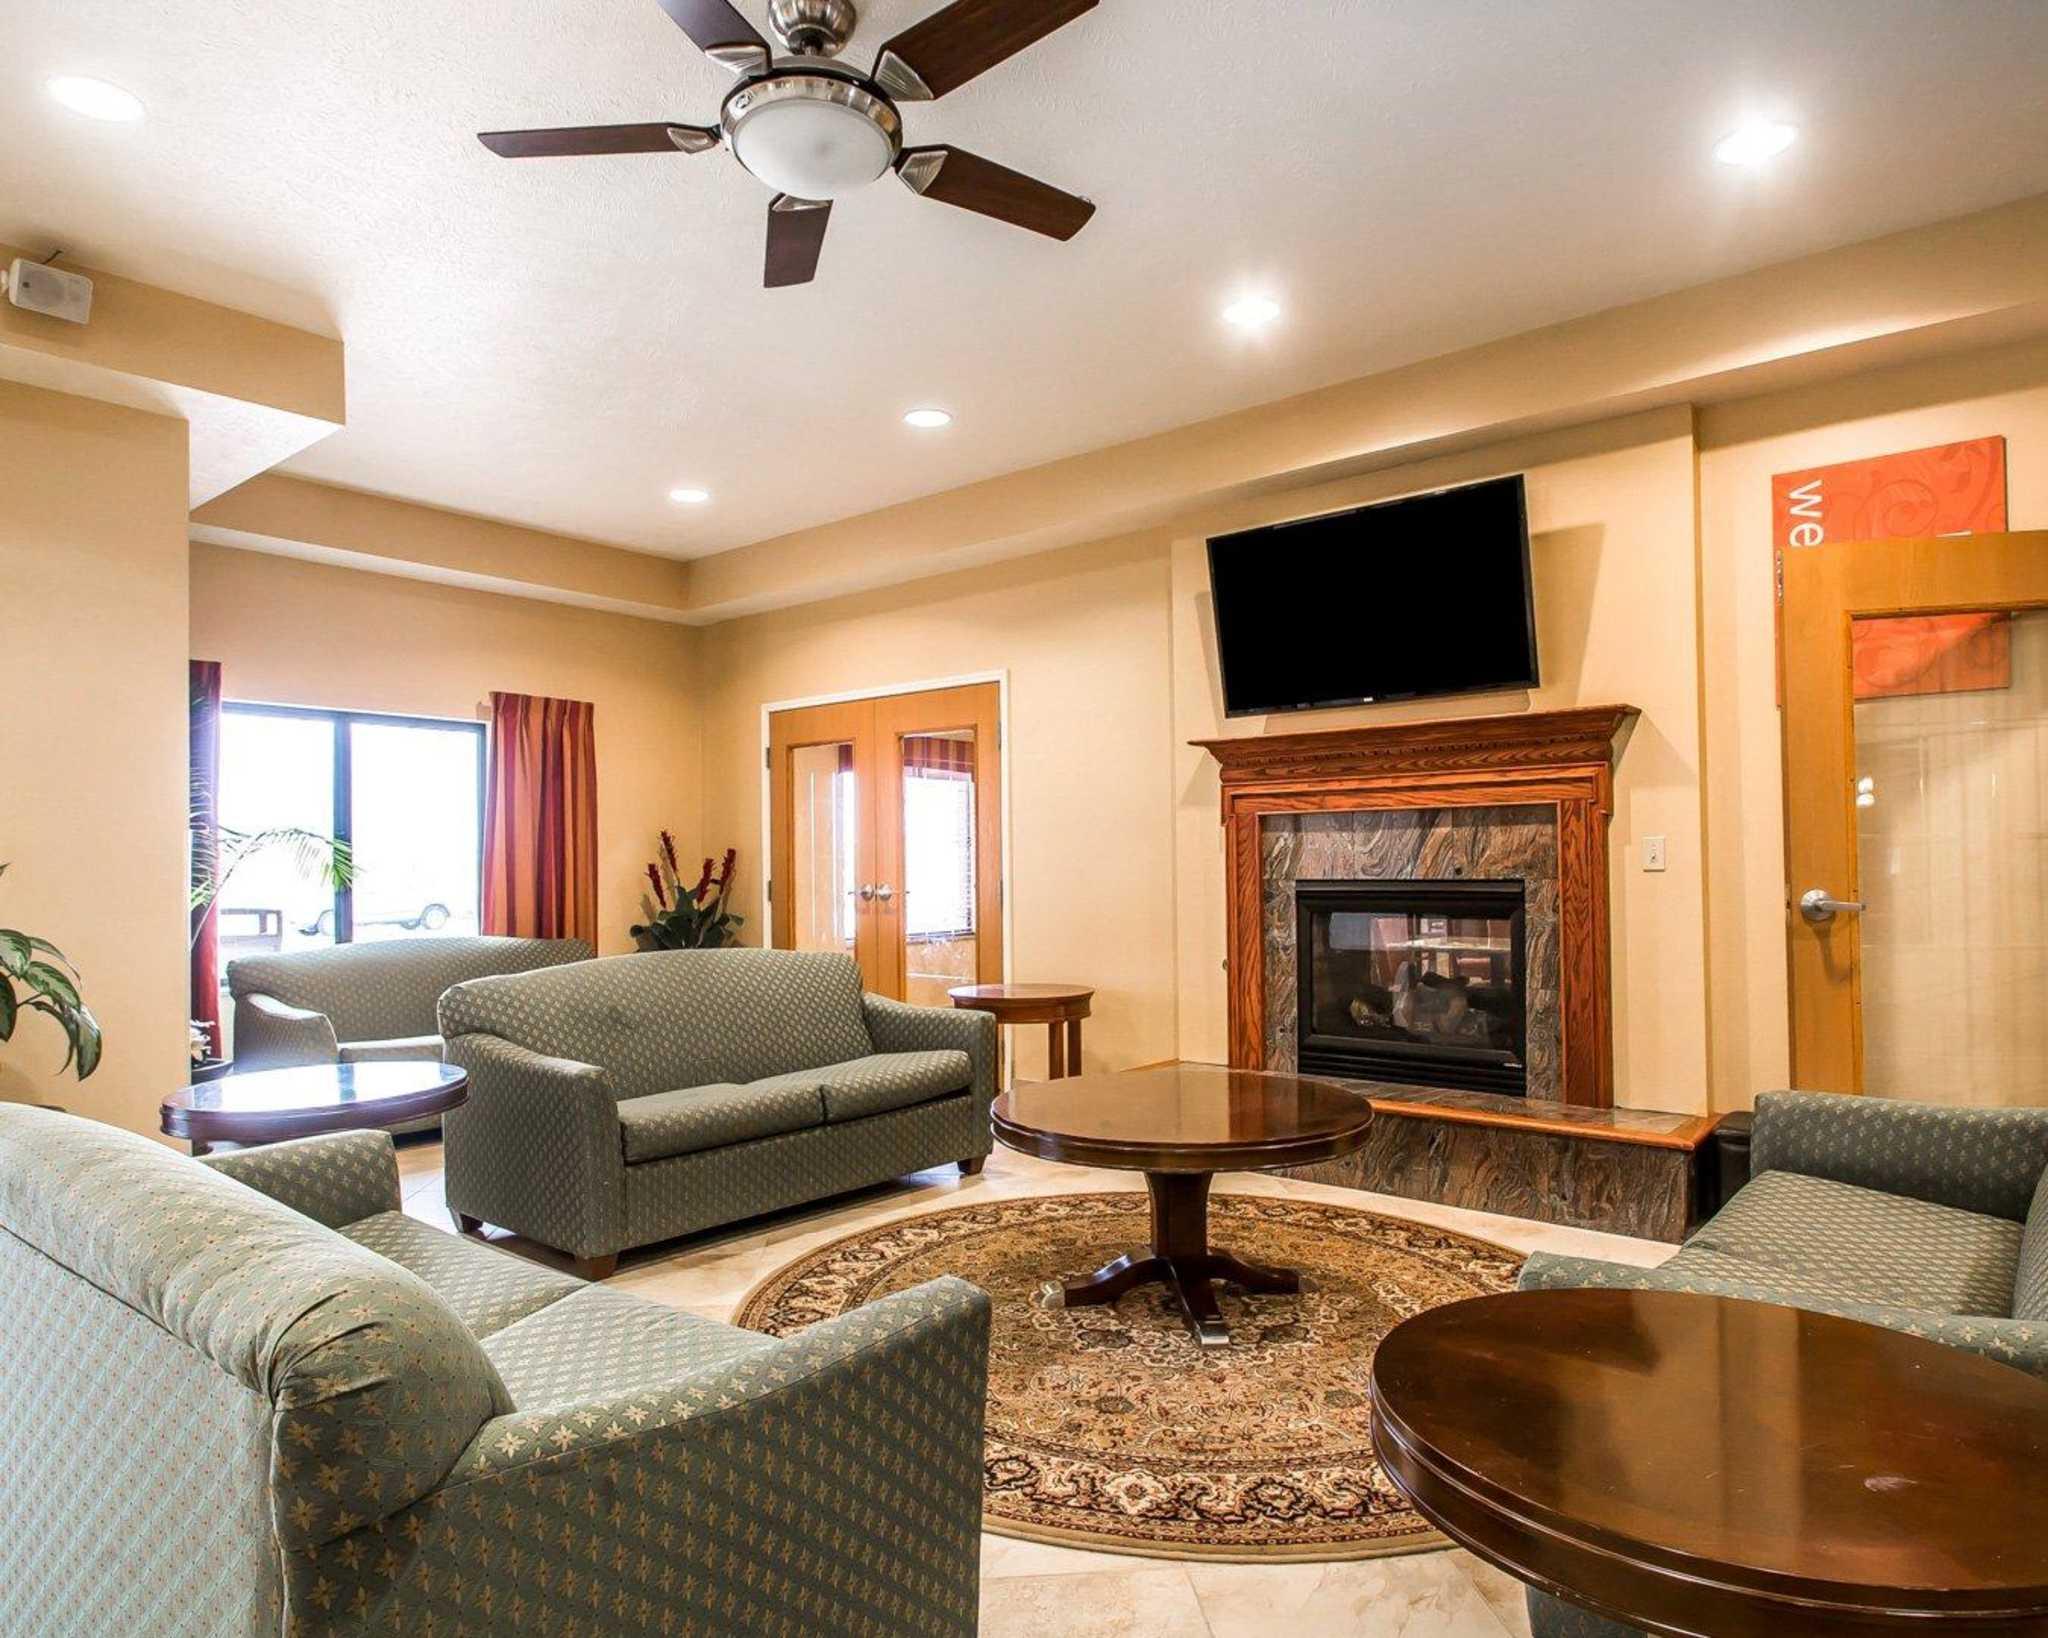 Comfort Suites - Merrillville, IN - Business Information